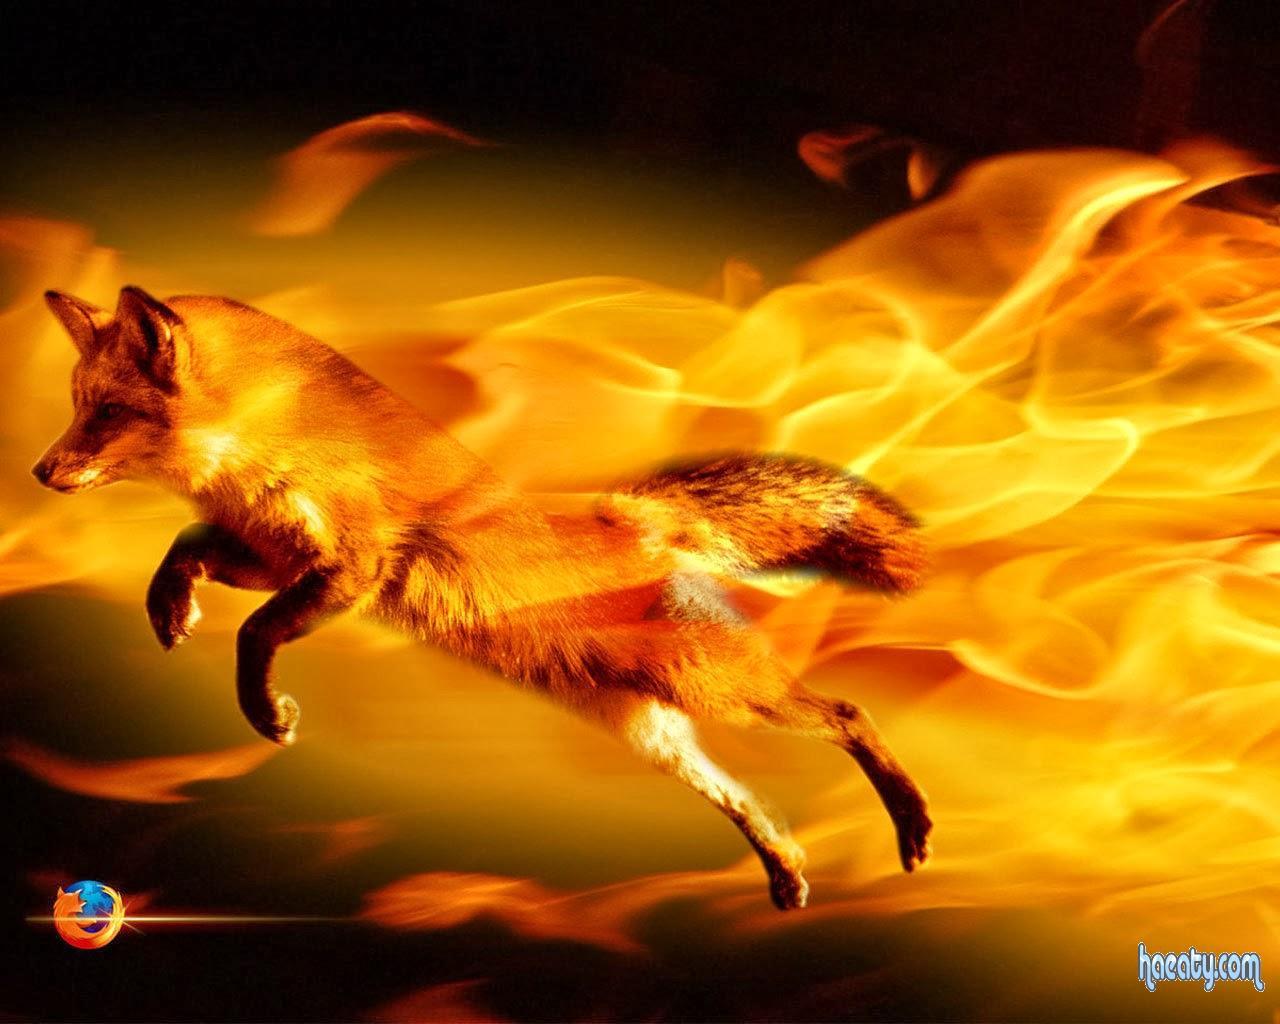 تحميل برنامج موزيلا فايرفوكس 28 مجانا  Download Mozilla Firefox 28 for free